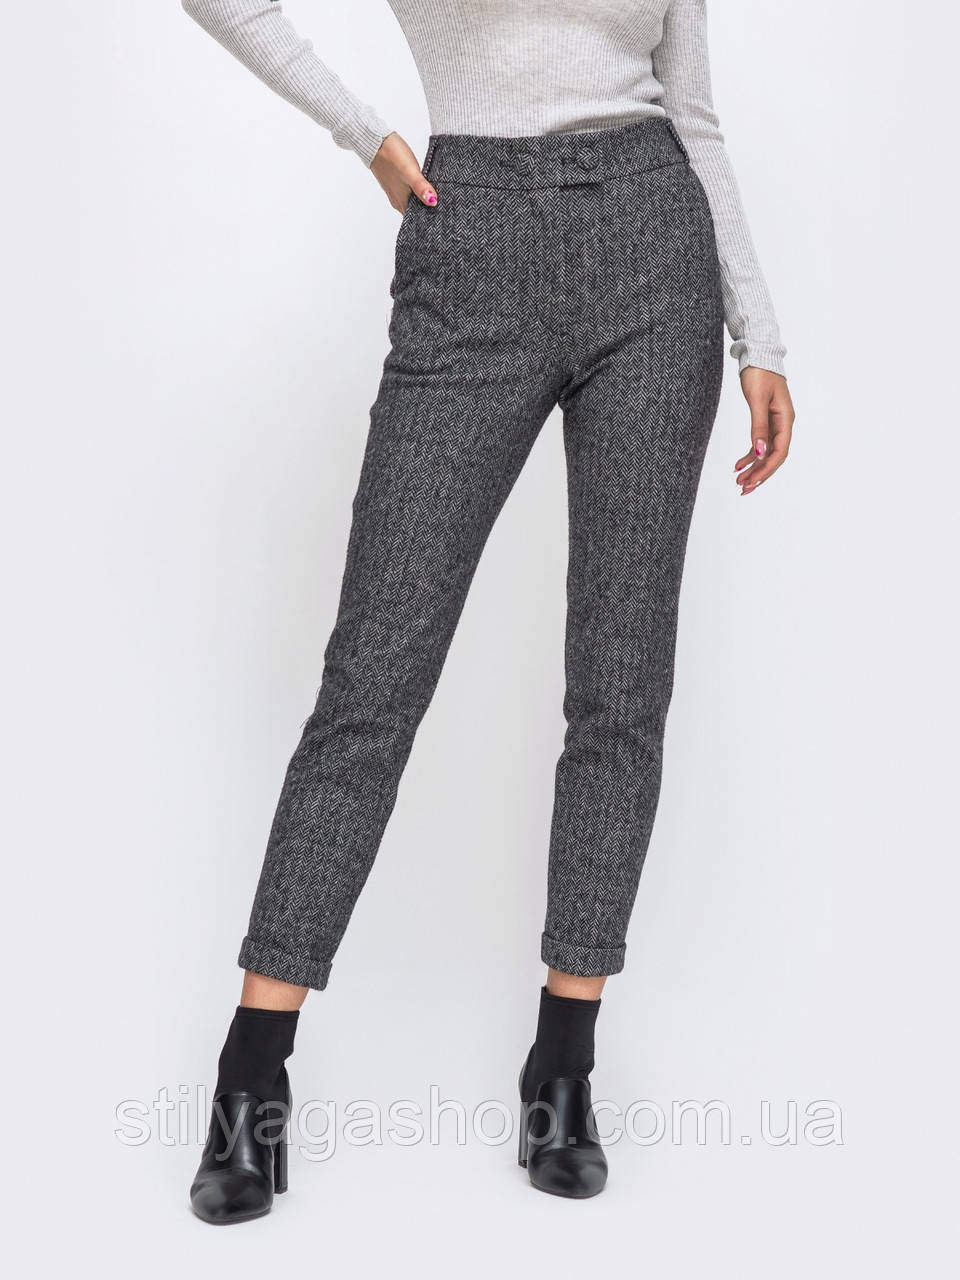 Укороченные брюки с подворотами и вместительными карманами по бокам